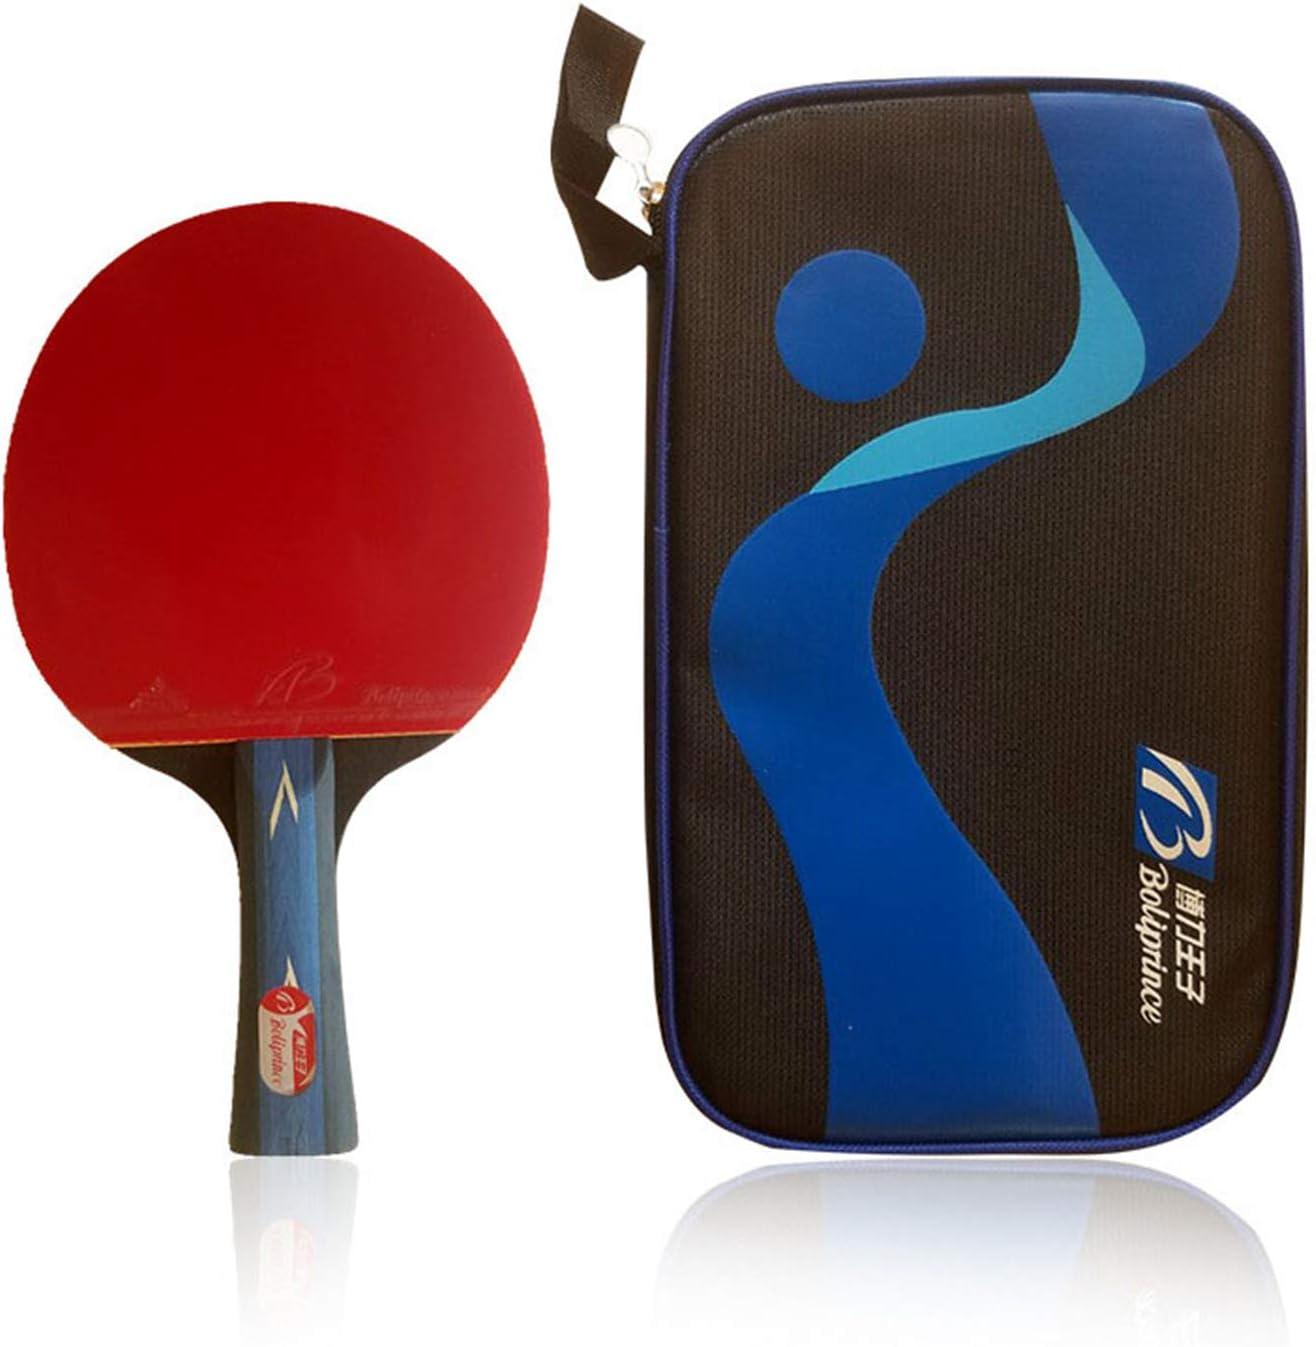 La ITTF Reconoce El Bate De Tenis De Mesa, La Raqueta De Tenis De Mesa Profesional, 5 Capas De Madera Y 4 Capas De Fibra De Carbono